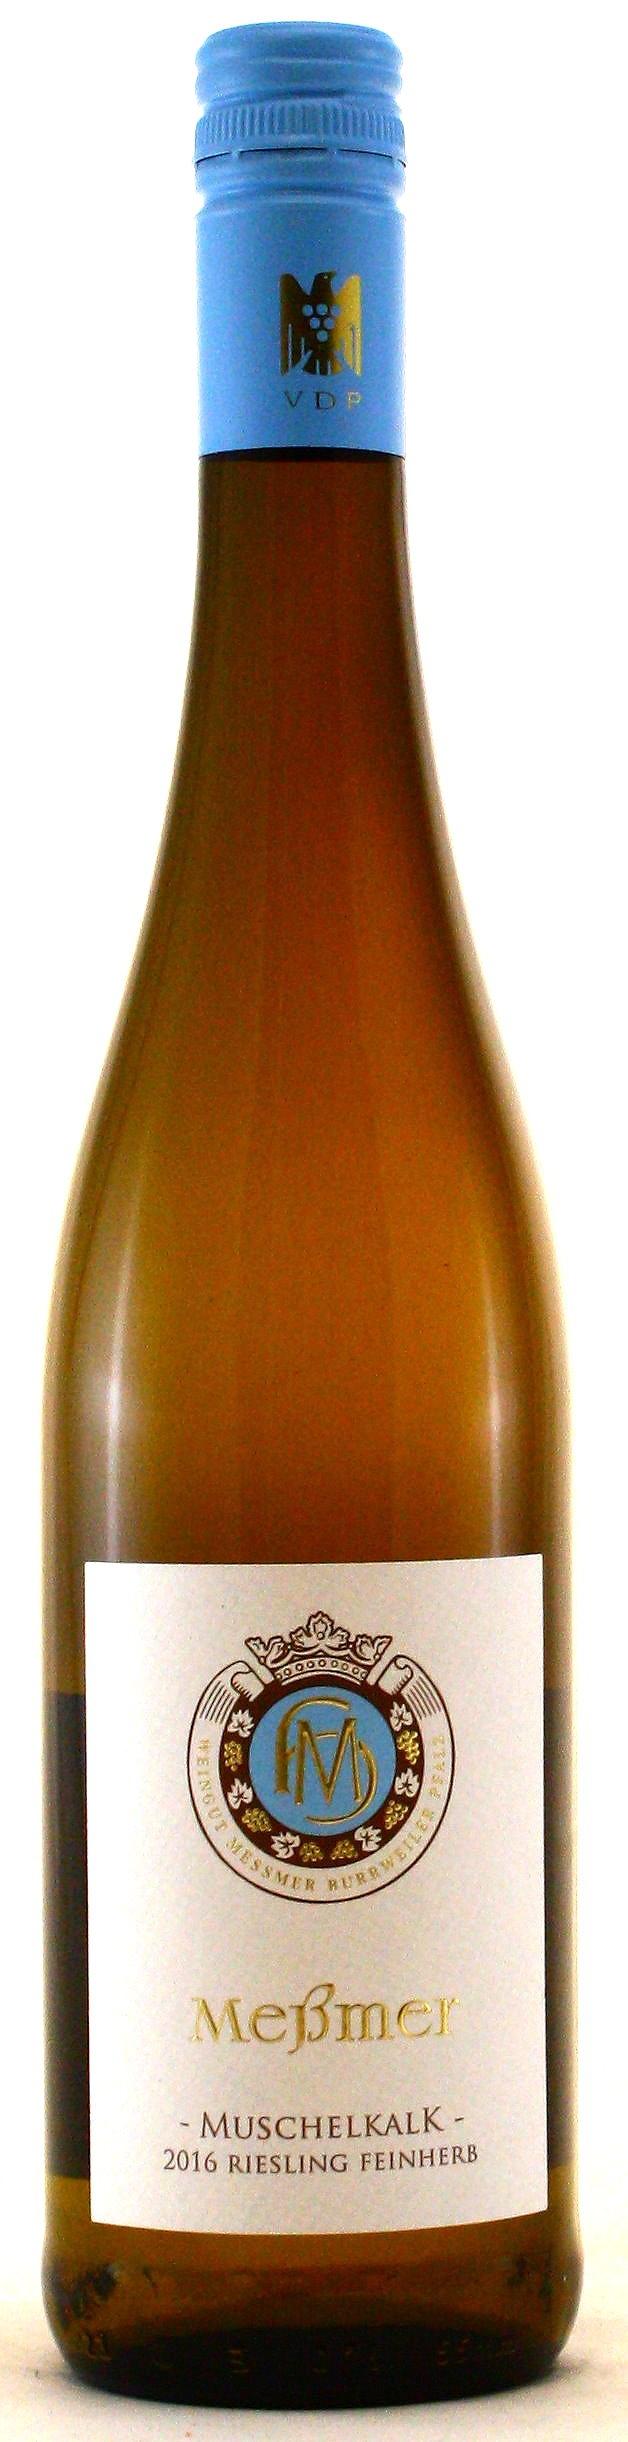 Riesling Muschelkalk, Gutsabfüllung Weingut Meßmer -feinherb-